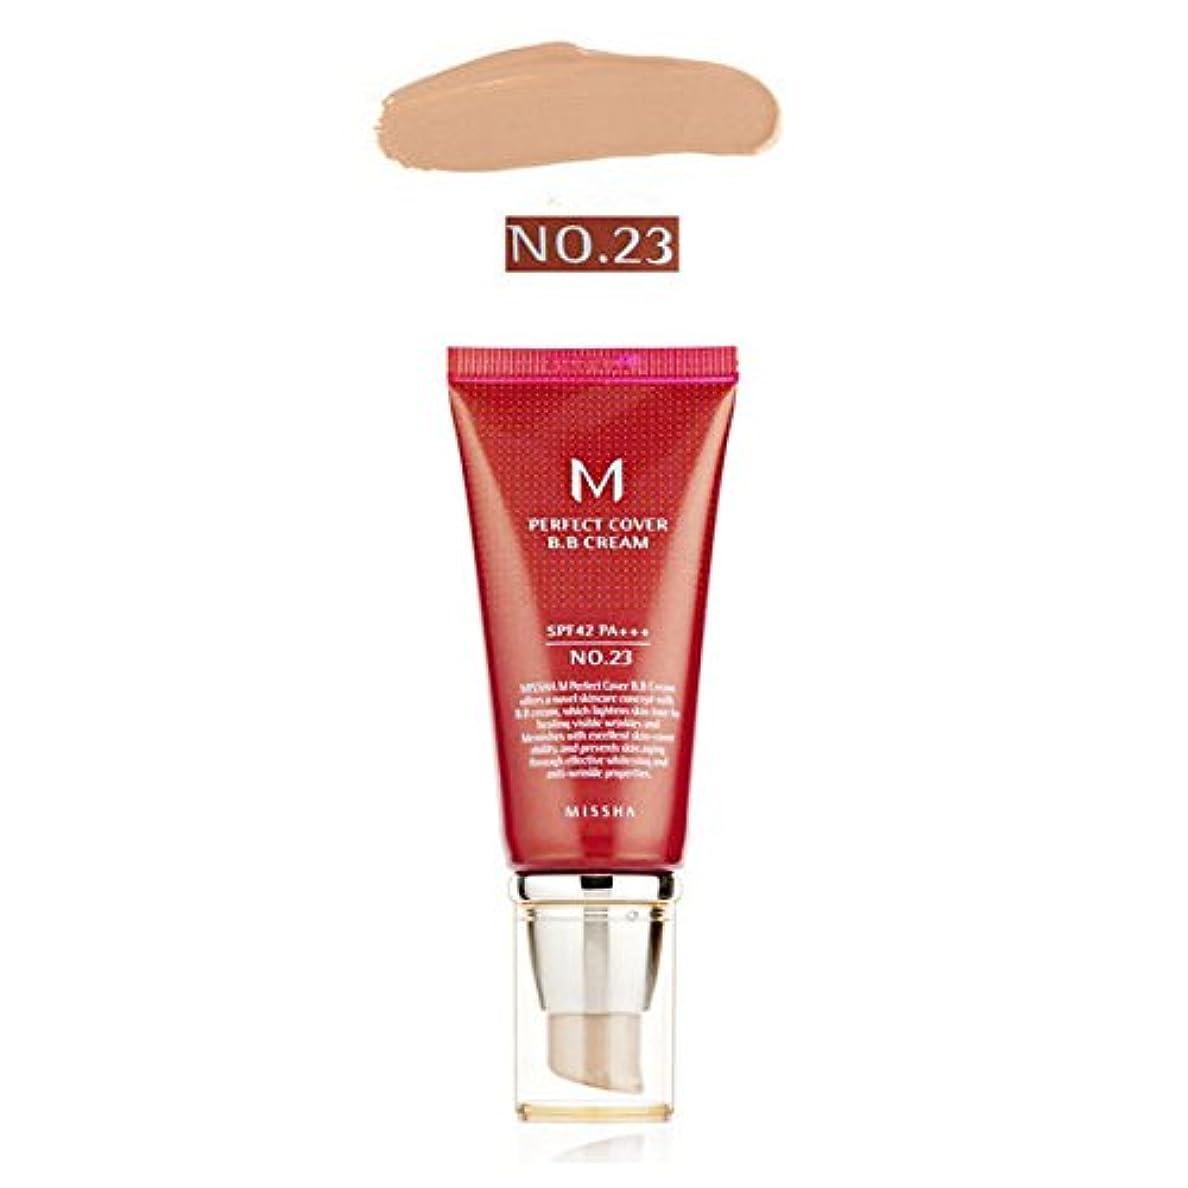 マット賠償投資[ミシャ] MISSHA [M パーフェクト カバー BBクリーム 21号 / 23号50ml] (M Perfect Cover BB cream 21号 / 23号 50ml) SPF42 PA+++ (Type2...